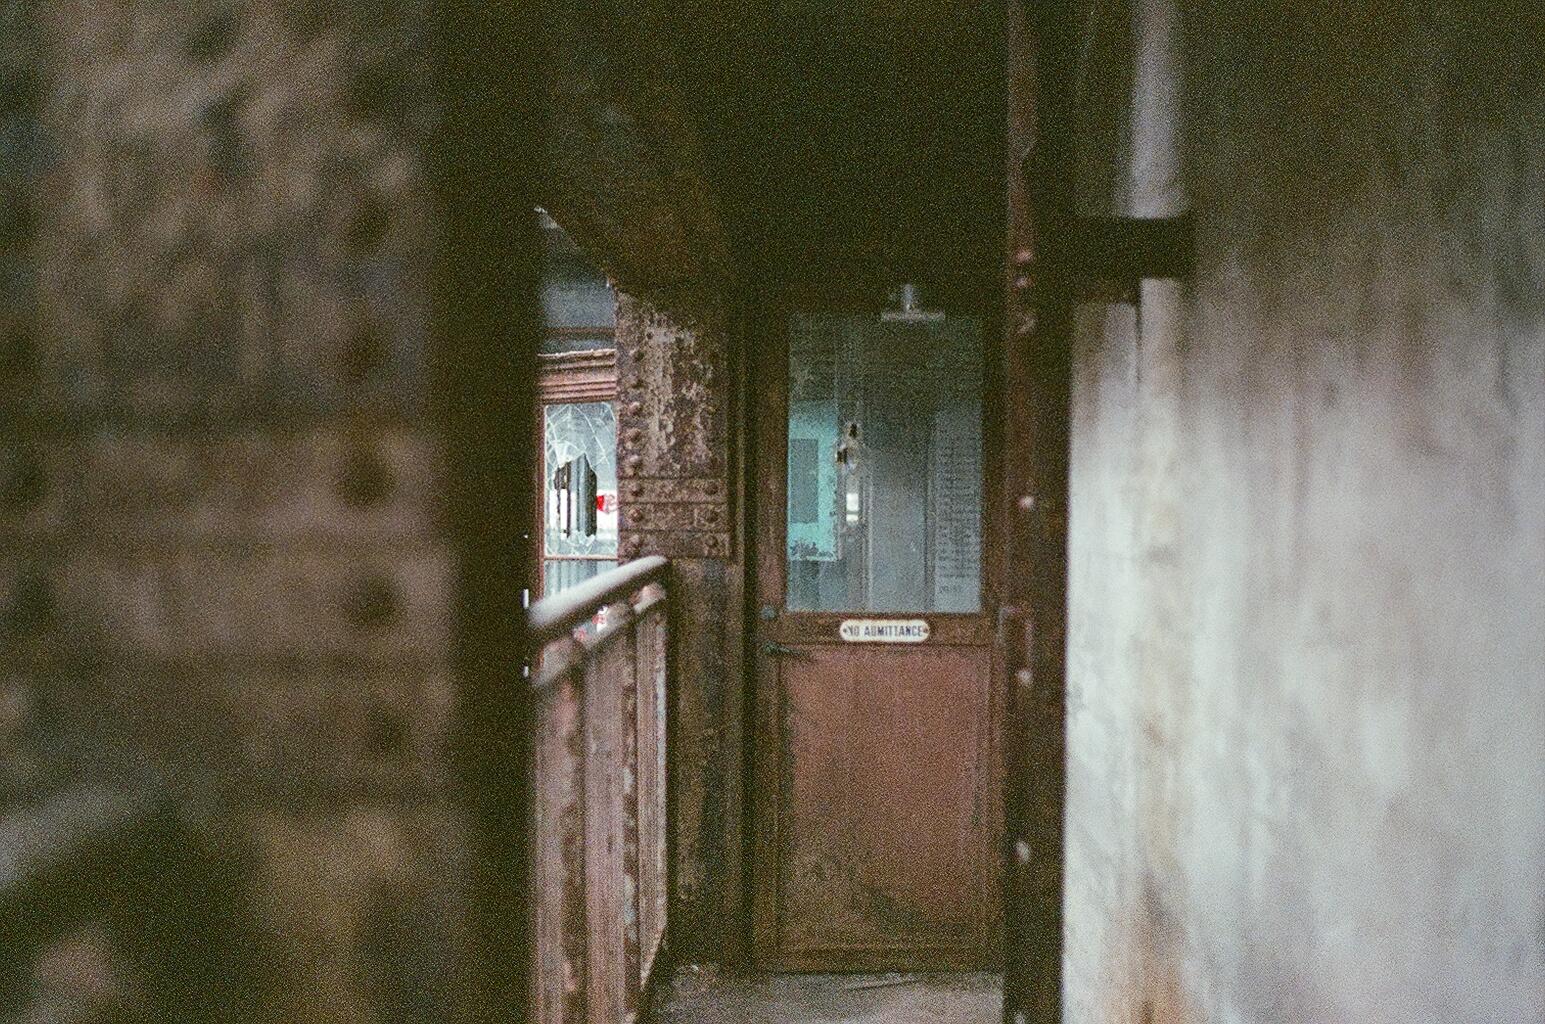 デスクトップ壁紙 壁 窓 路地 木材 家 ドア ファサード